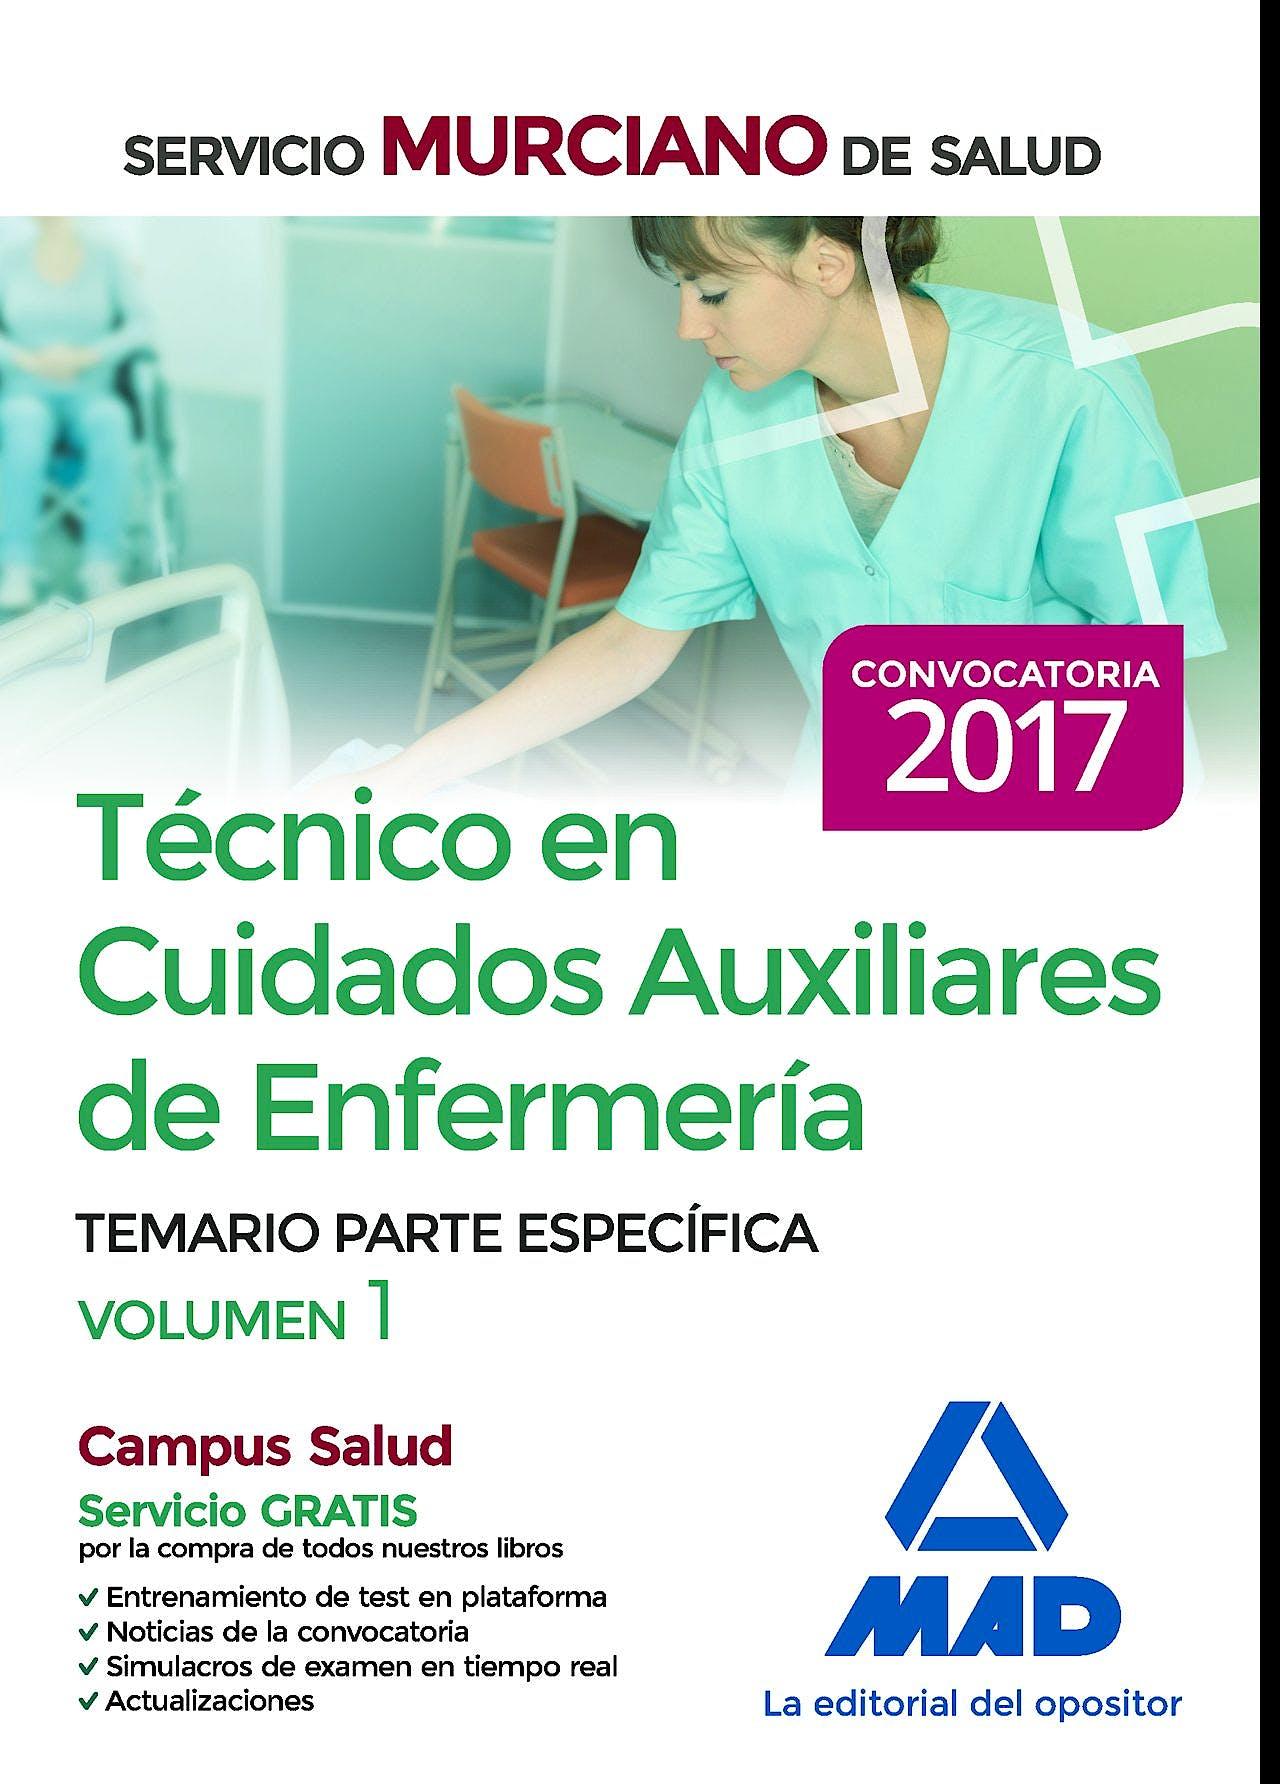 Portada del libro 9788414203439 Técnico en Cuidados Auxiliares de Enfermería Servicio Murciano de Salud. Temario Parte Específica, Vol. 1